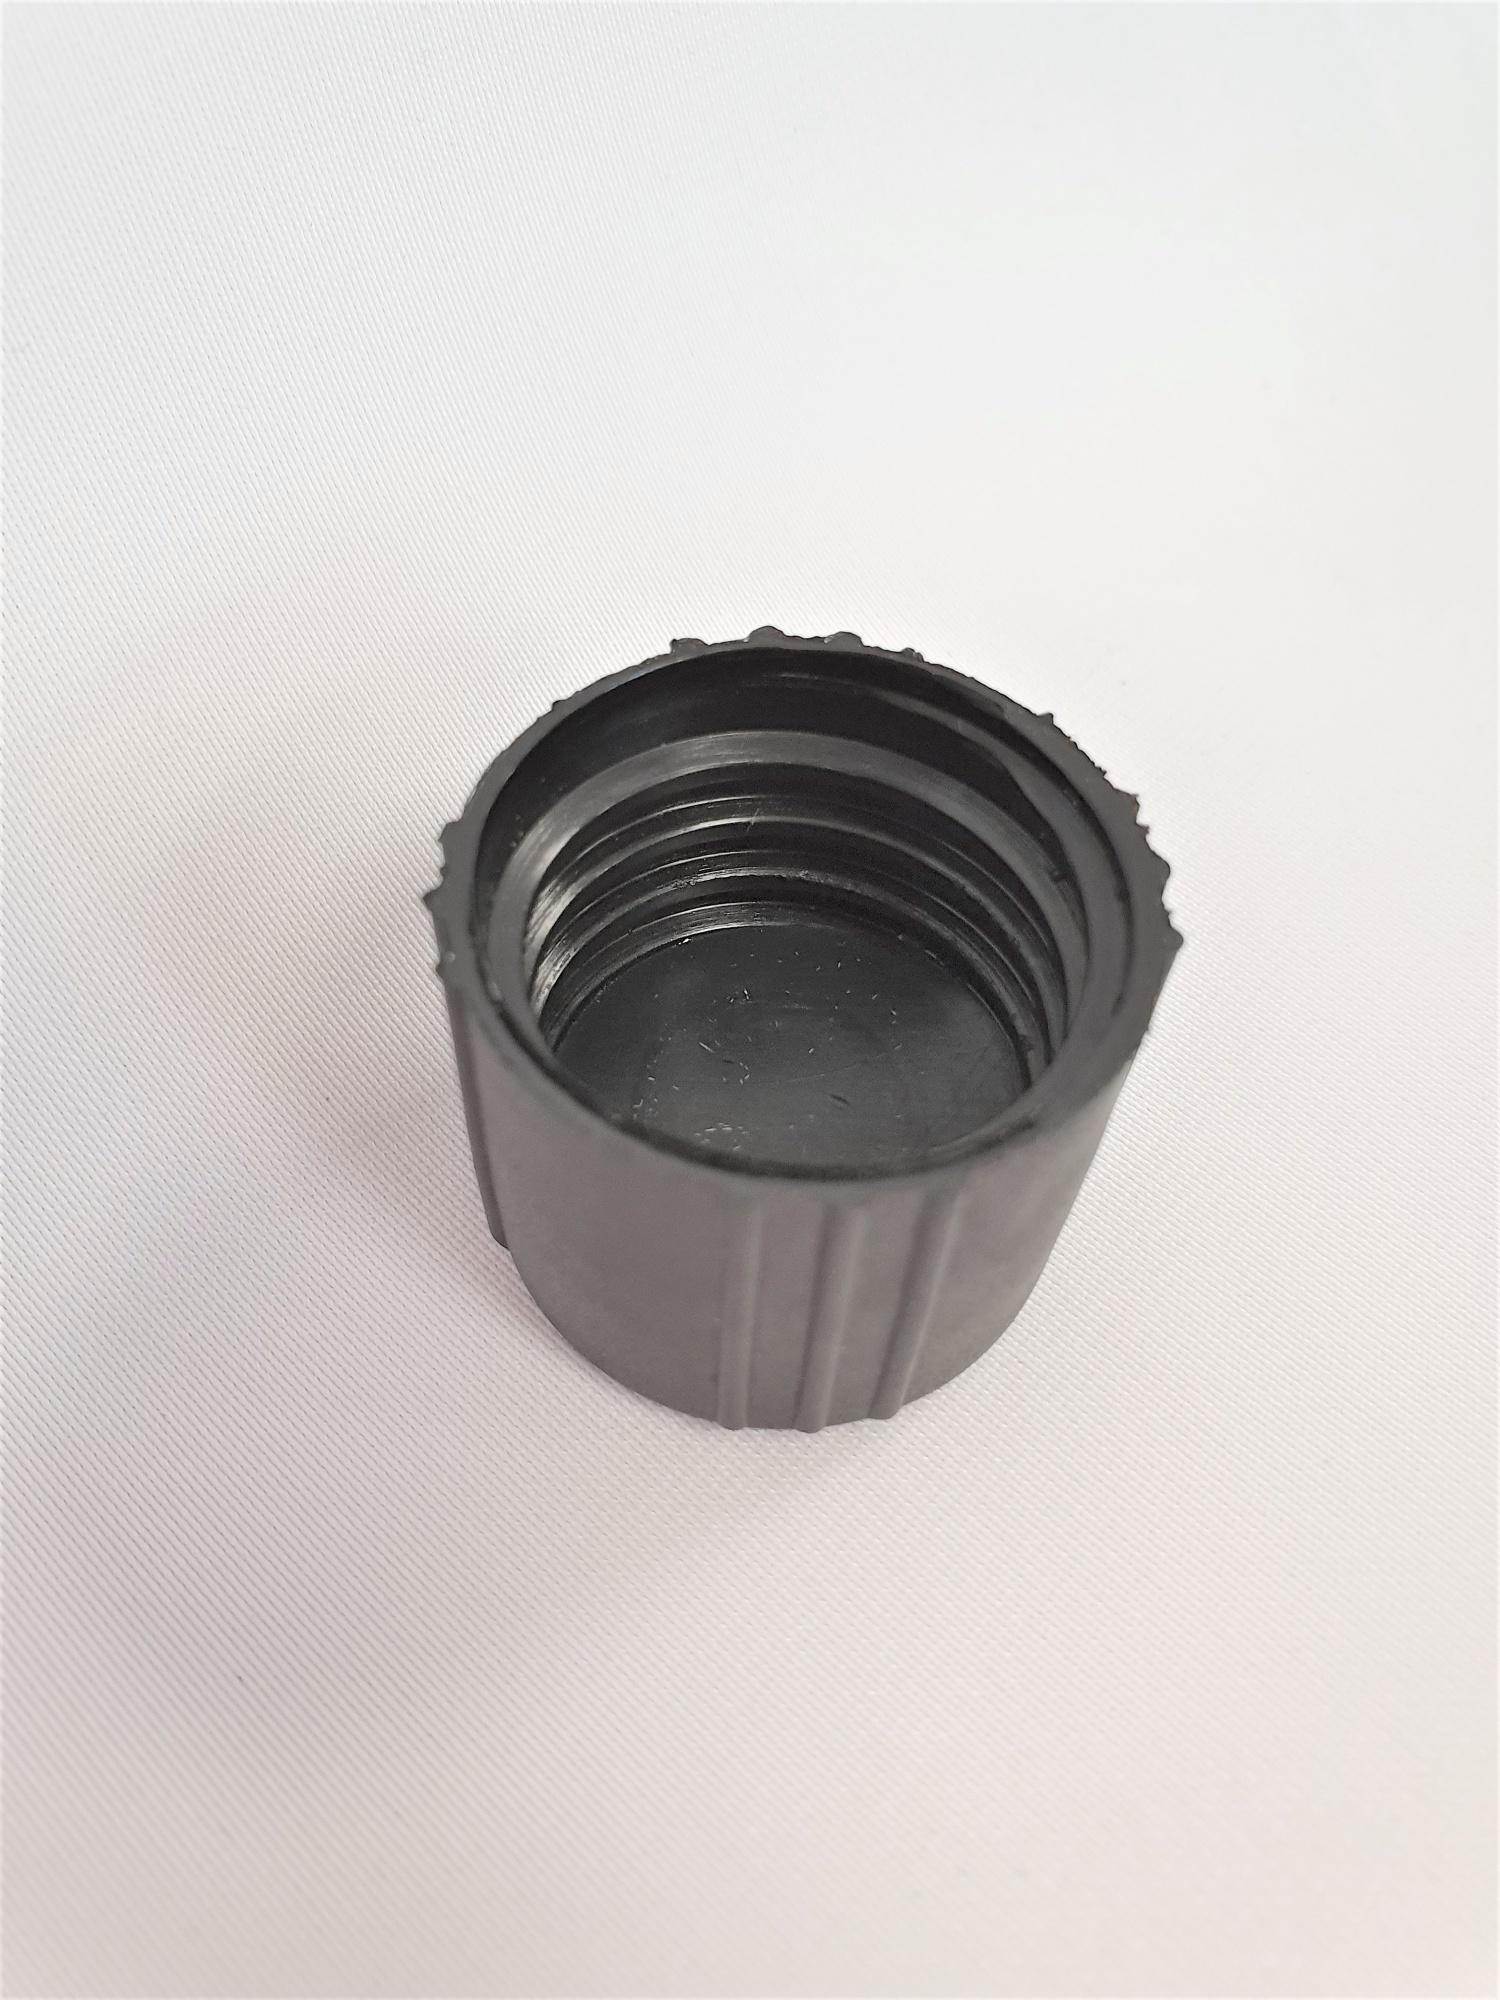 Bouchon de vidange pour Autolaveuse VIPER AS 380 15 C